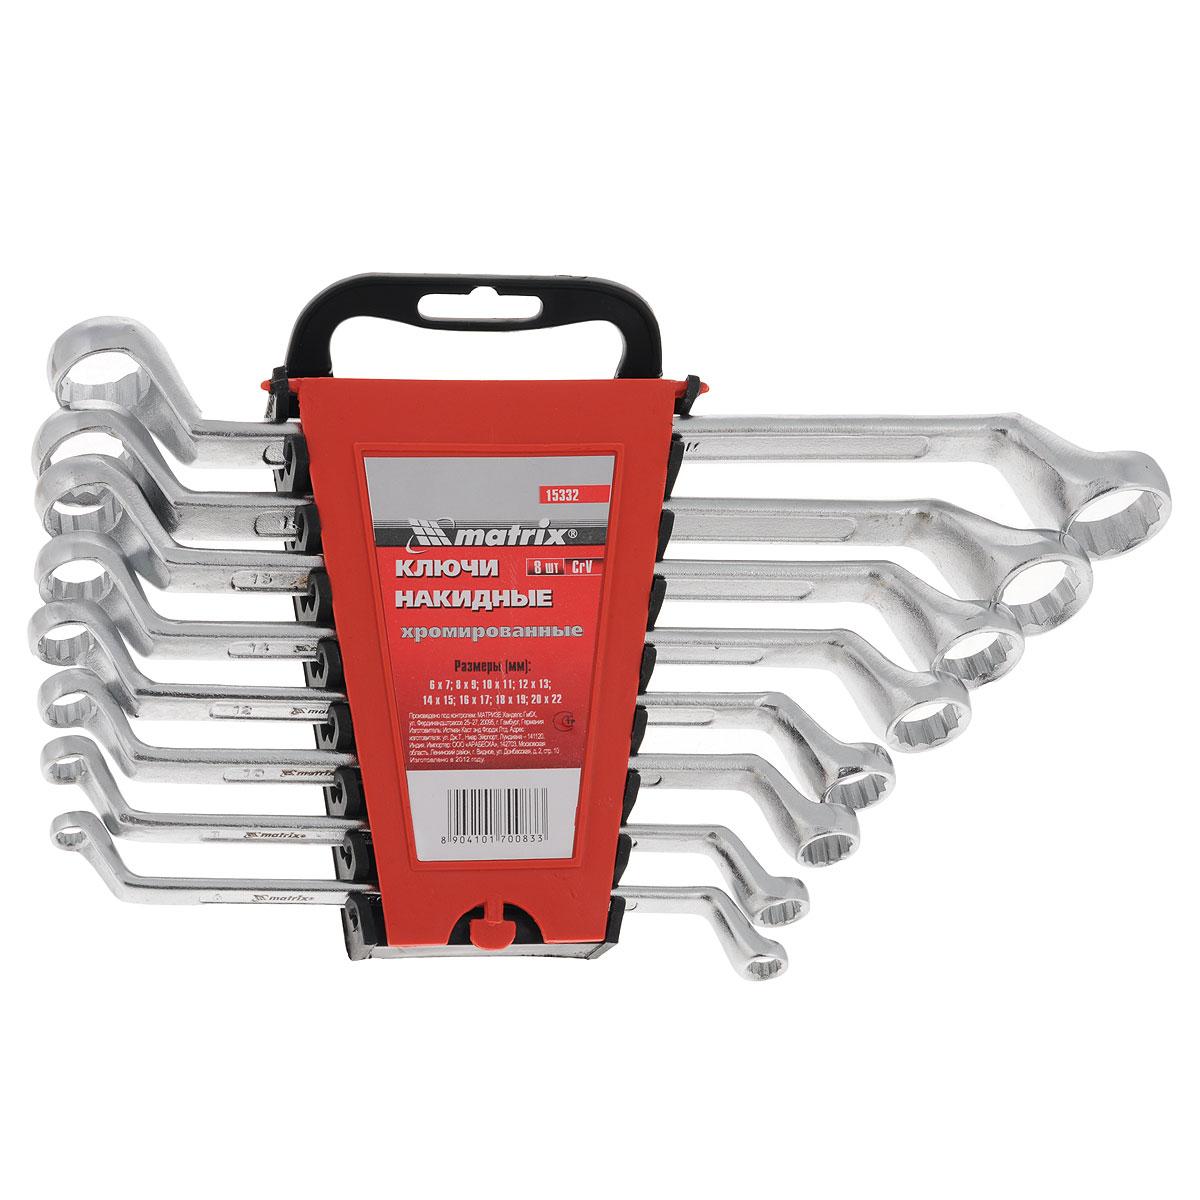 Набор ключей накидных Matrix, полированный хром, 8 шт98298130Ключи накидные Matrix станут отличным помощником монтажнику или владельцу авто. Этот инструмент обеспечит надежную фиксацию на гранях крепежа. Инструменты изготовлены из высококачественной хромированной стали. Ключи имеют 2 кольцевых зева разных размеров. Профиль кольцевого зева имеет двенадцать граней, что увеличивает площадь соприкосновения рабочих поверхностей.Состав набора: ключи 6 х 7 мм, 8 х 9 мм, 10 х 11 мм, 12 х 13 мм, 14 х 15 мм, 16 х 17 мм, 18 х 19 мм, 20 х 22 мм.